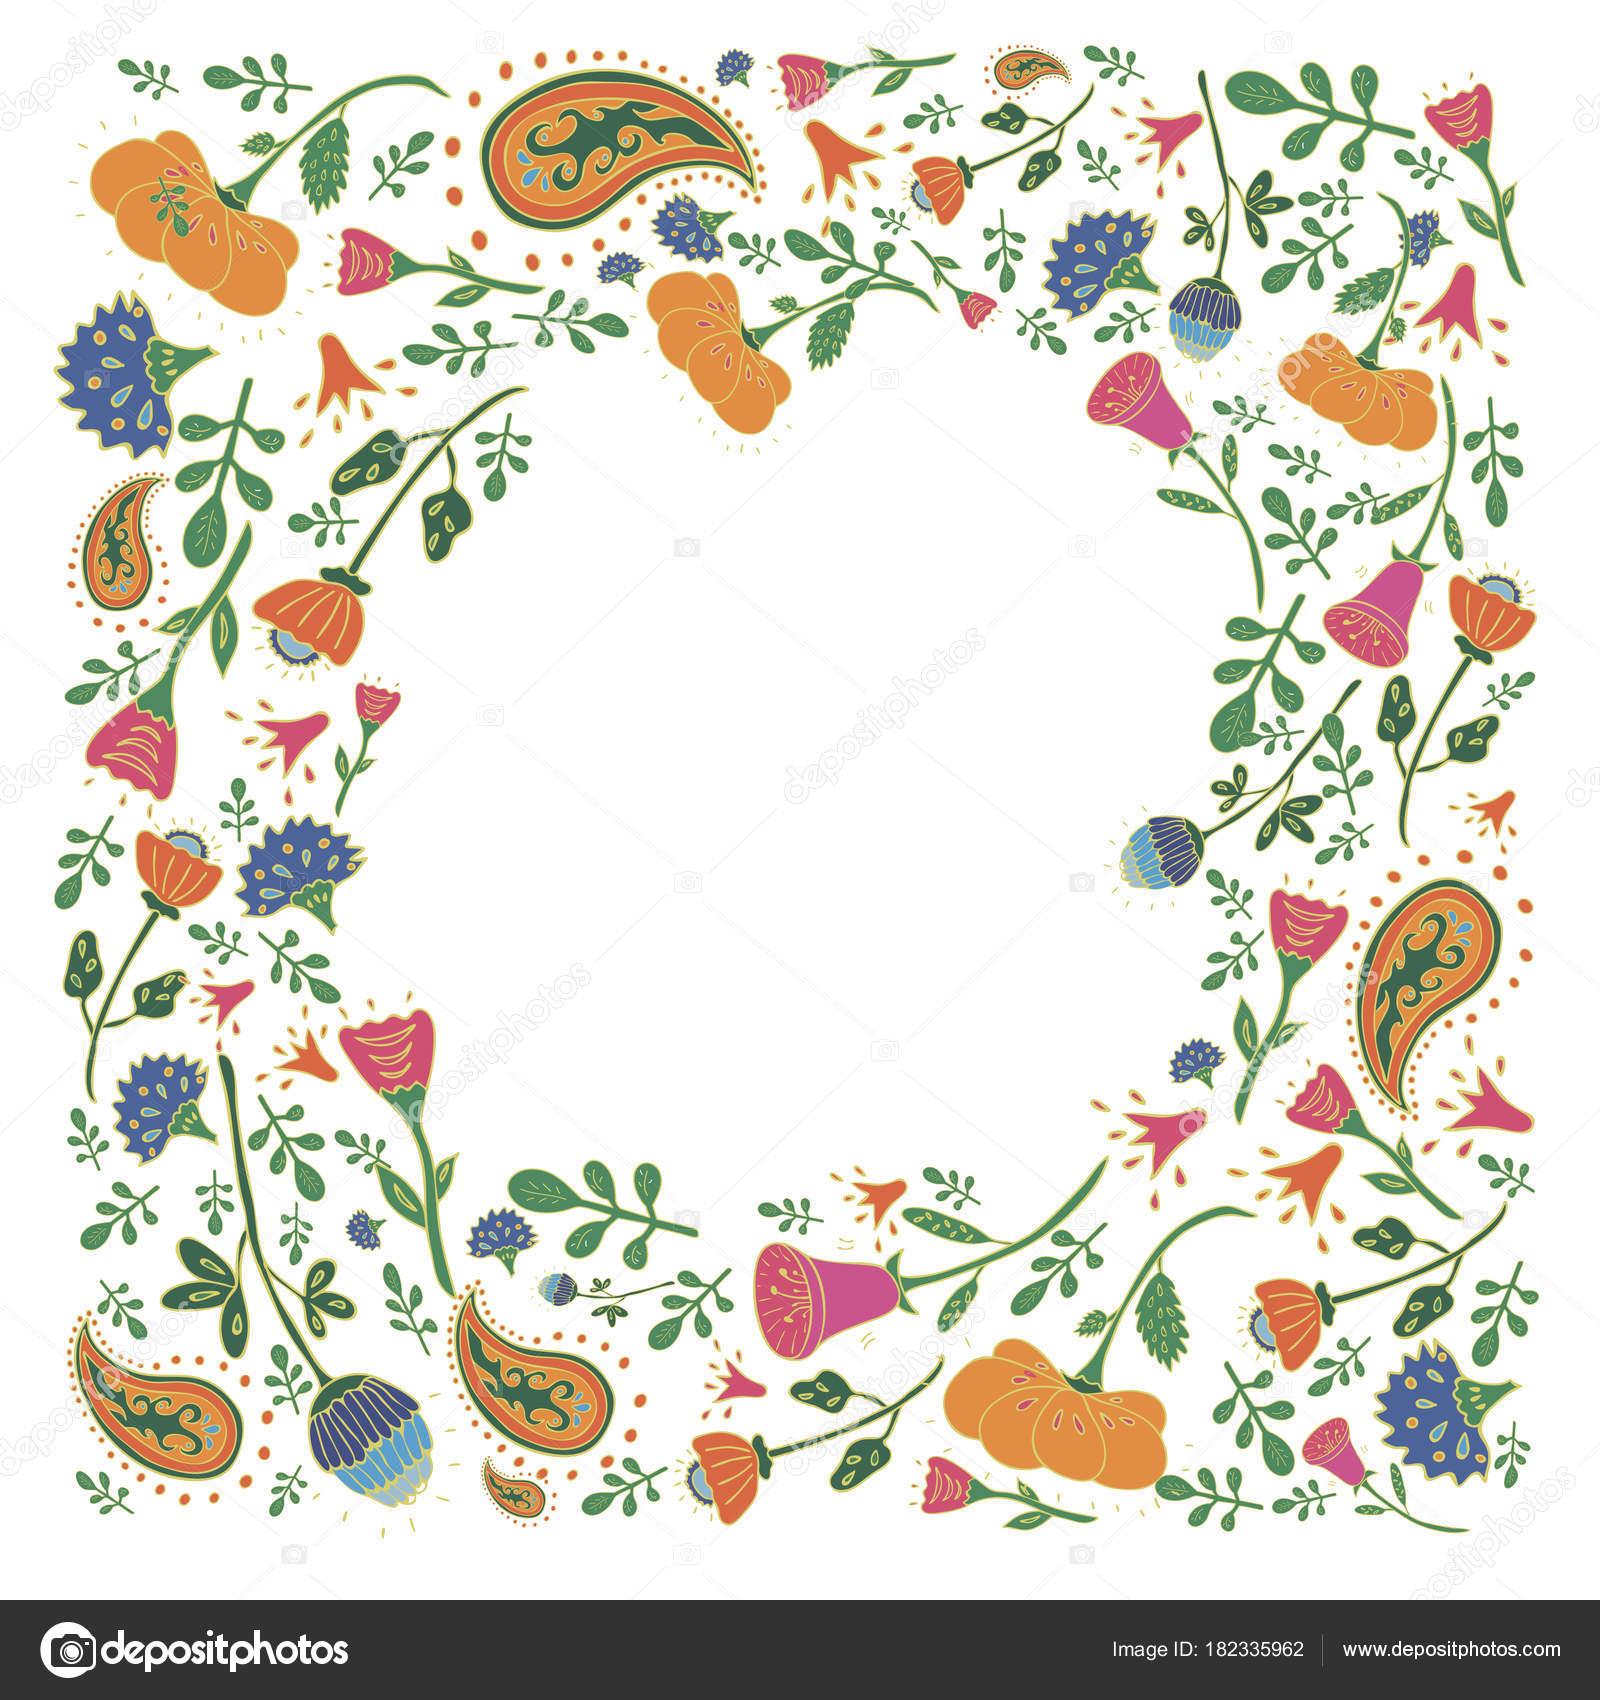 06969f227ce41 Marco rectangular dibujada a mano con lindas flores y hojas. Patrón floral  Primavera romántica y Pascua diseño